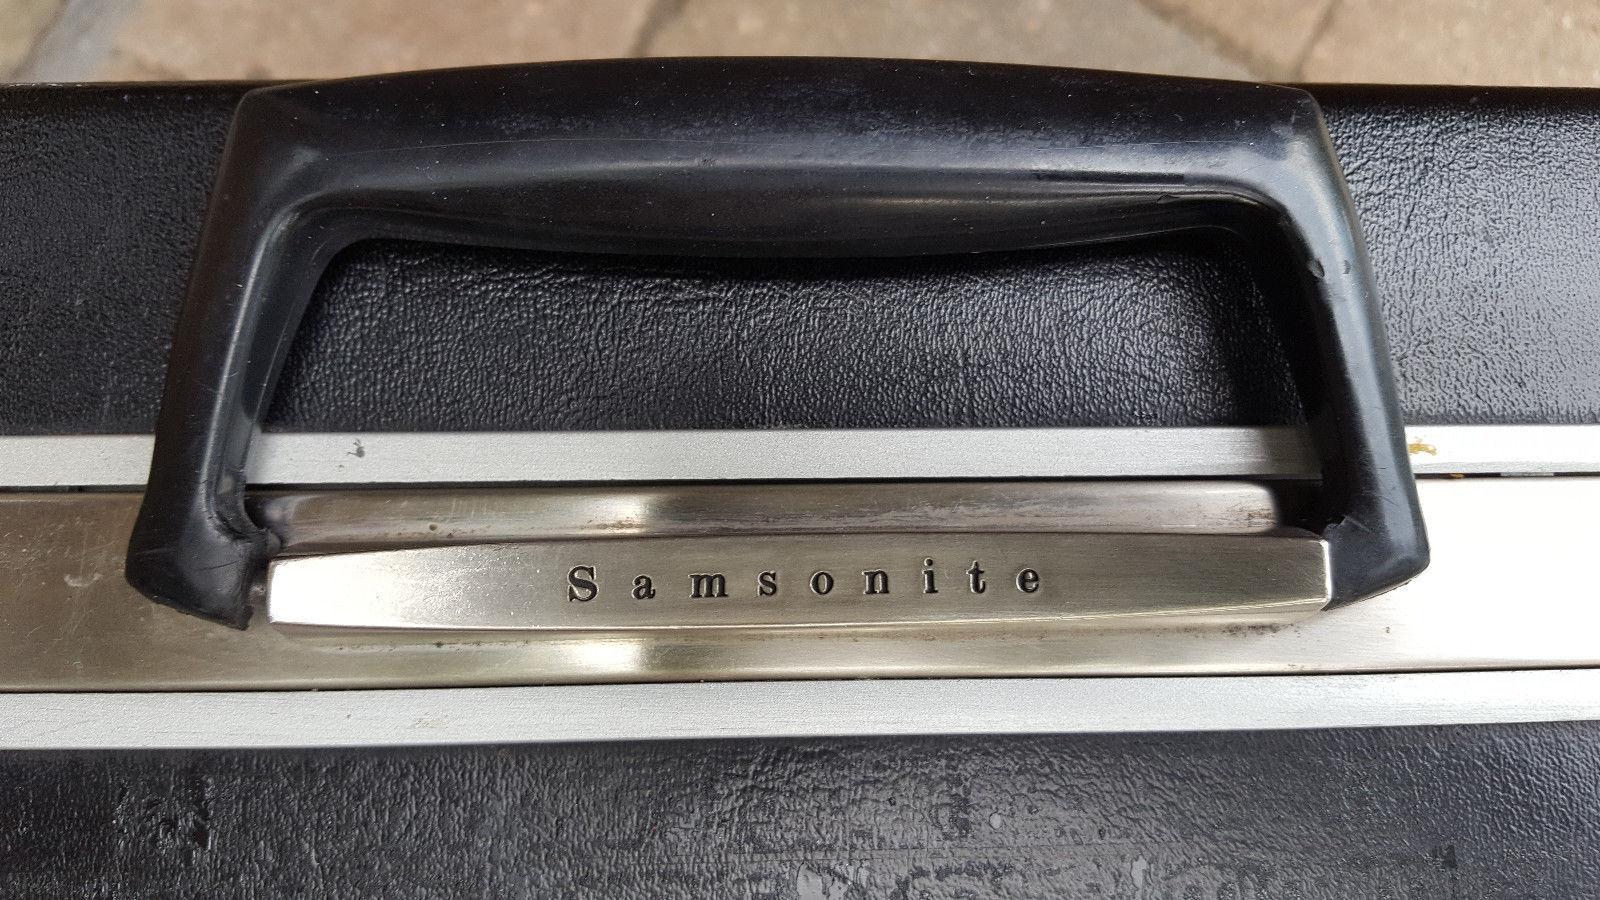 Vtg SAMSONITE Briefcase-Faux Leather/Vinyl-Black-Hard Case-Pockets-Keys-Business